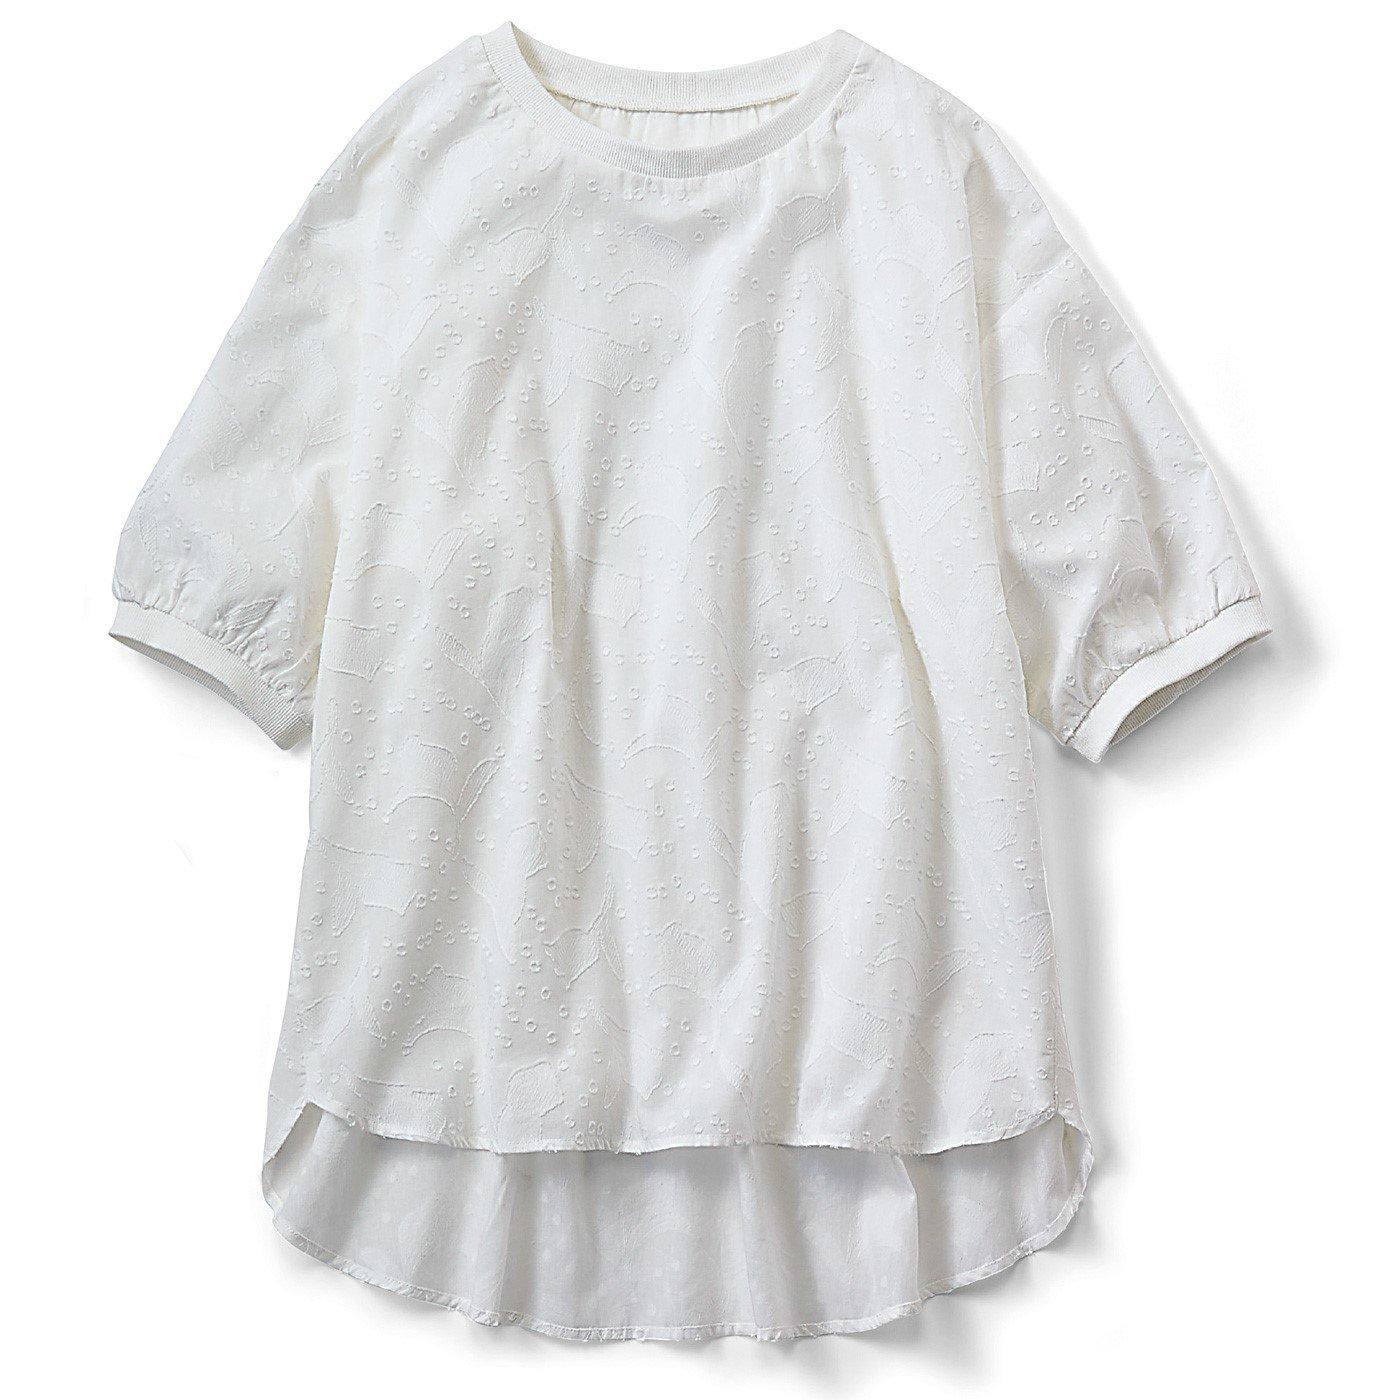 リブ イン コンフォート 気軽に着られて品よく涼しい コットンカットドビープルオーバー〈ホワイト〉